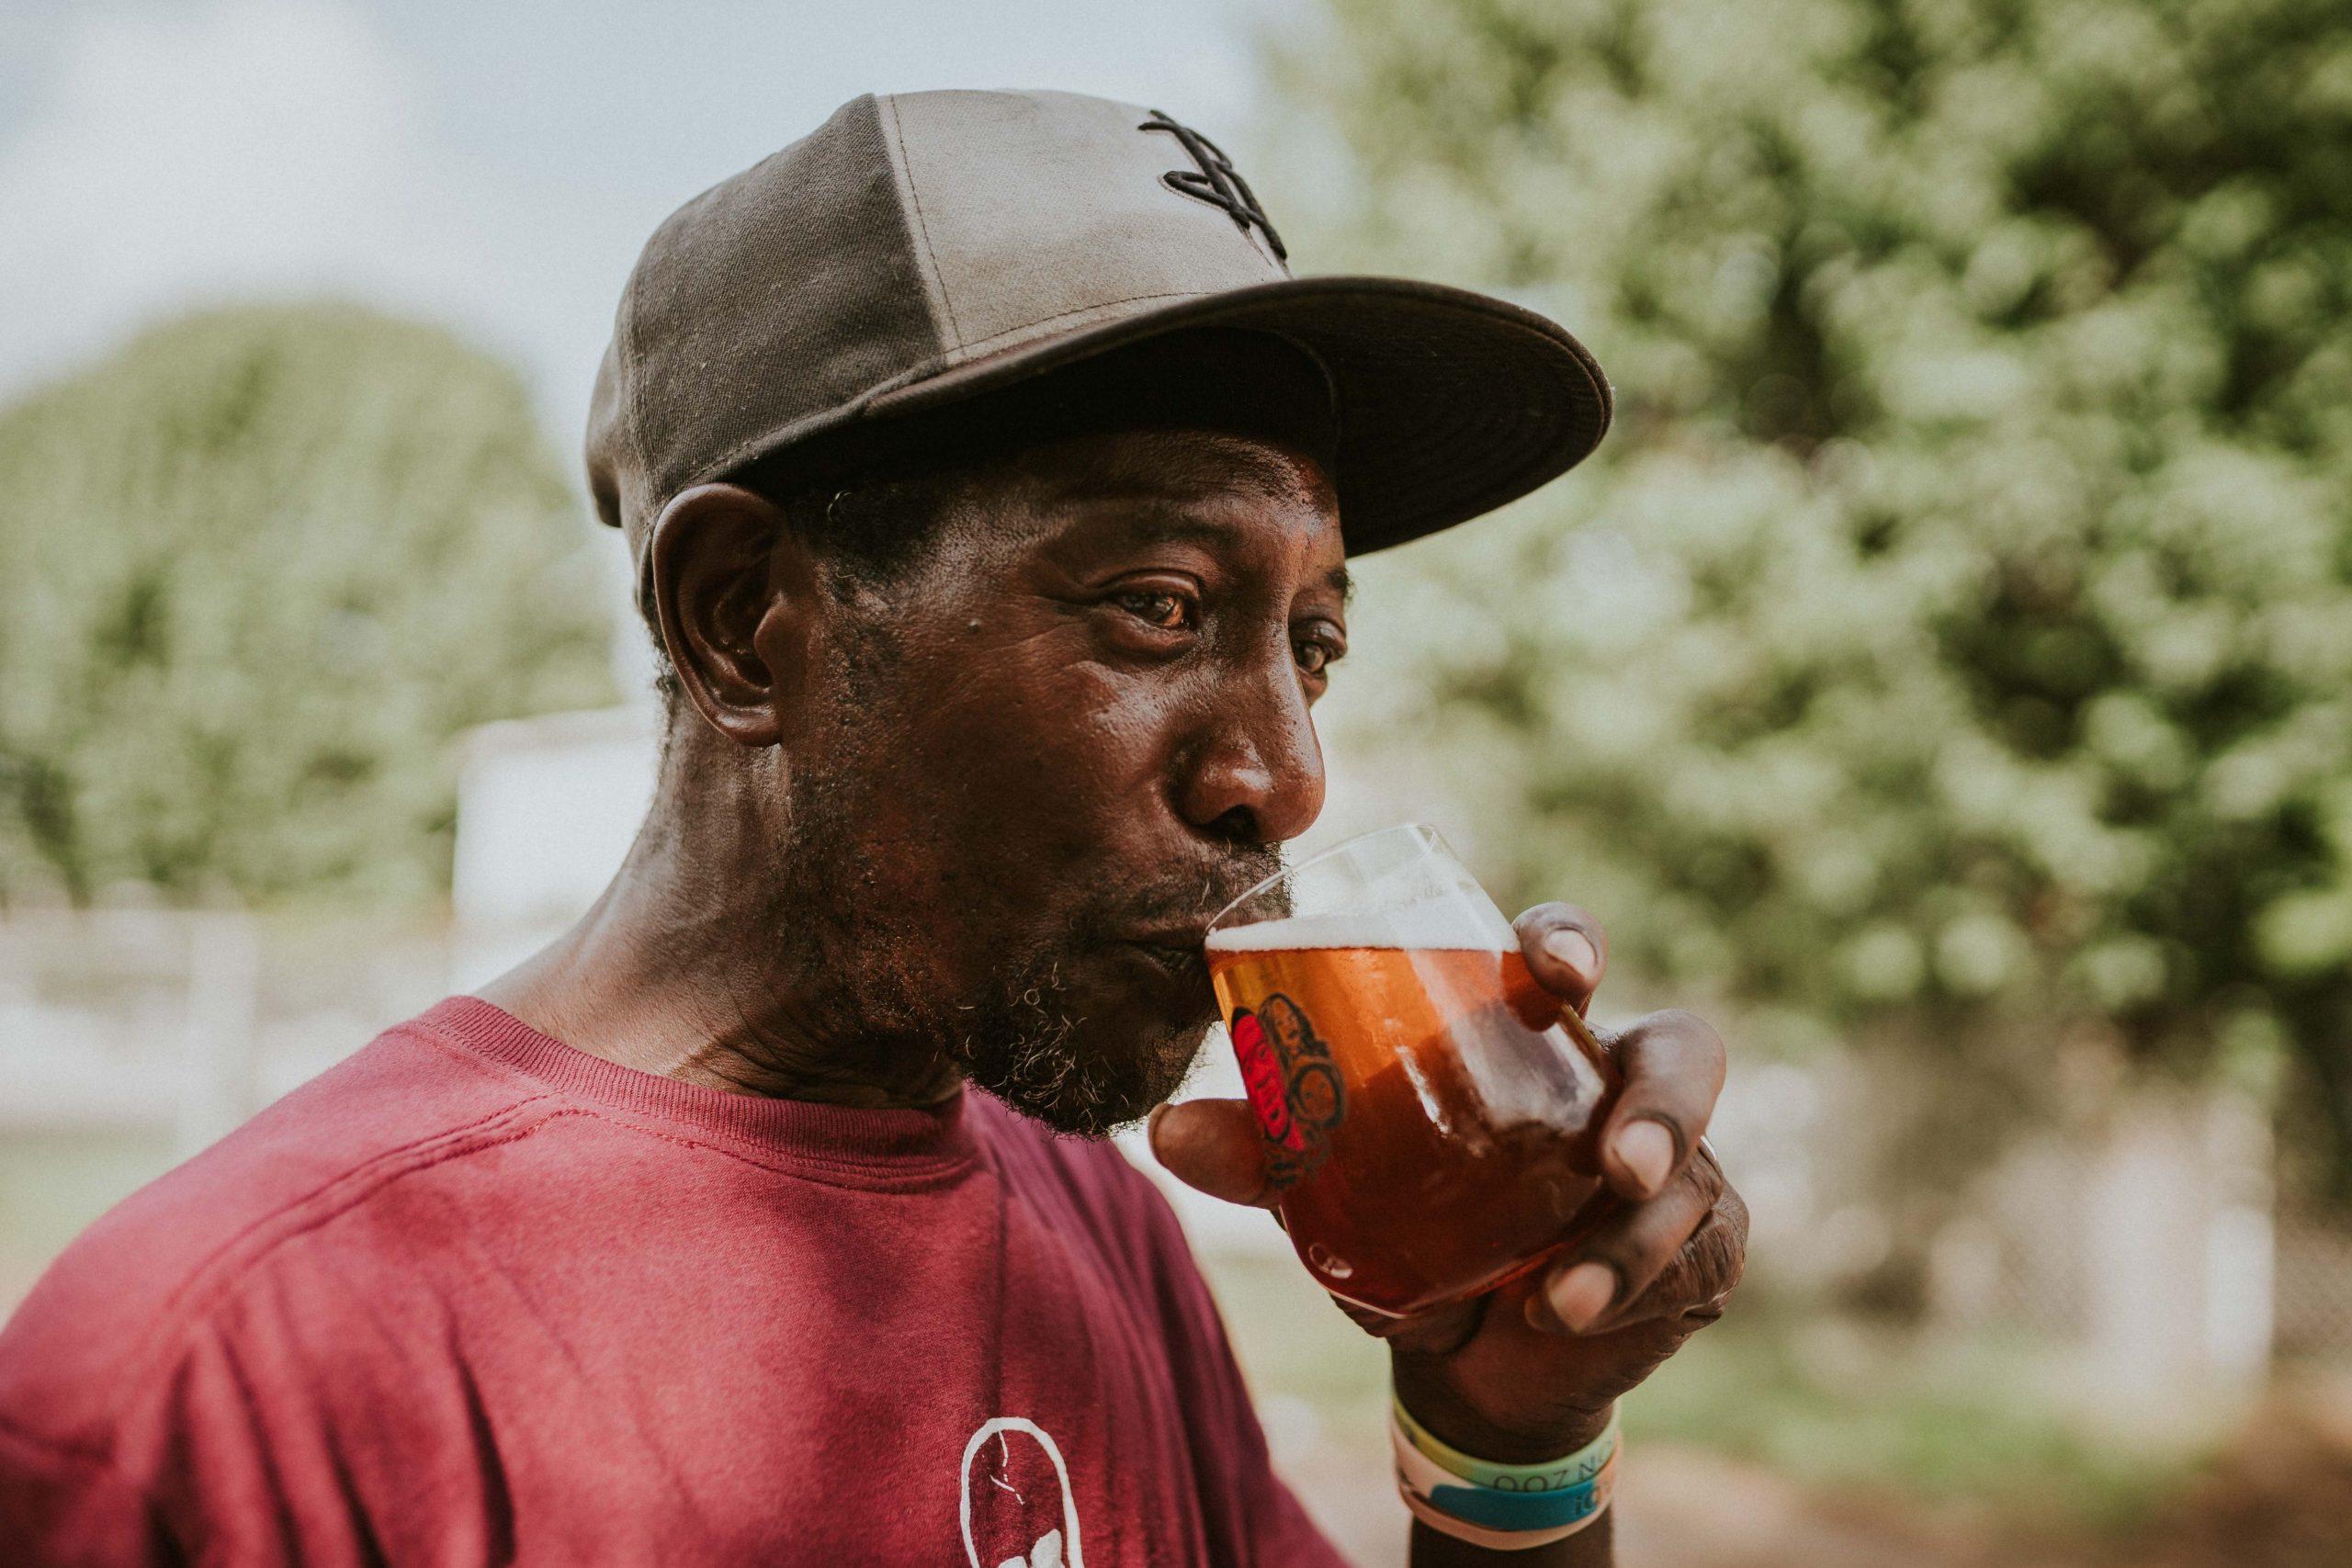 Mann med caps smaker på et glass med øl.